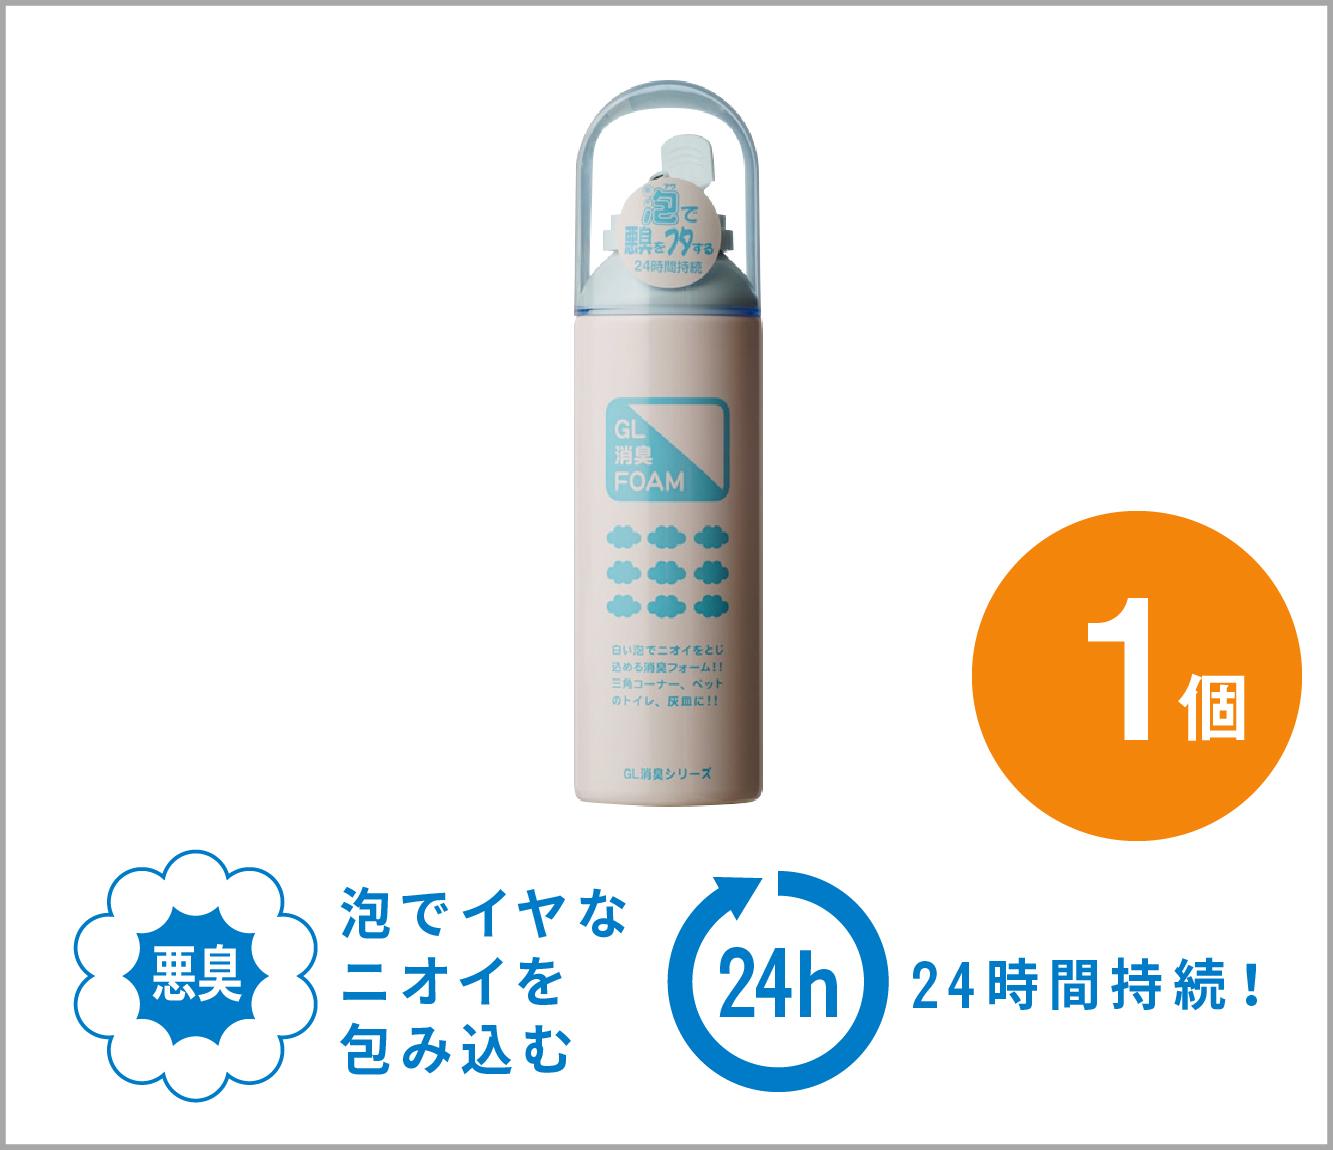 【GL消臭フォーム】*泡の力で気になる臭いを包み込む!■最新のテクノロジーによって、泡は24時間持続します。(送料無料)